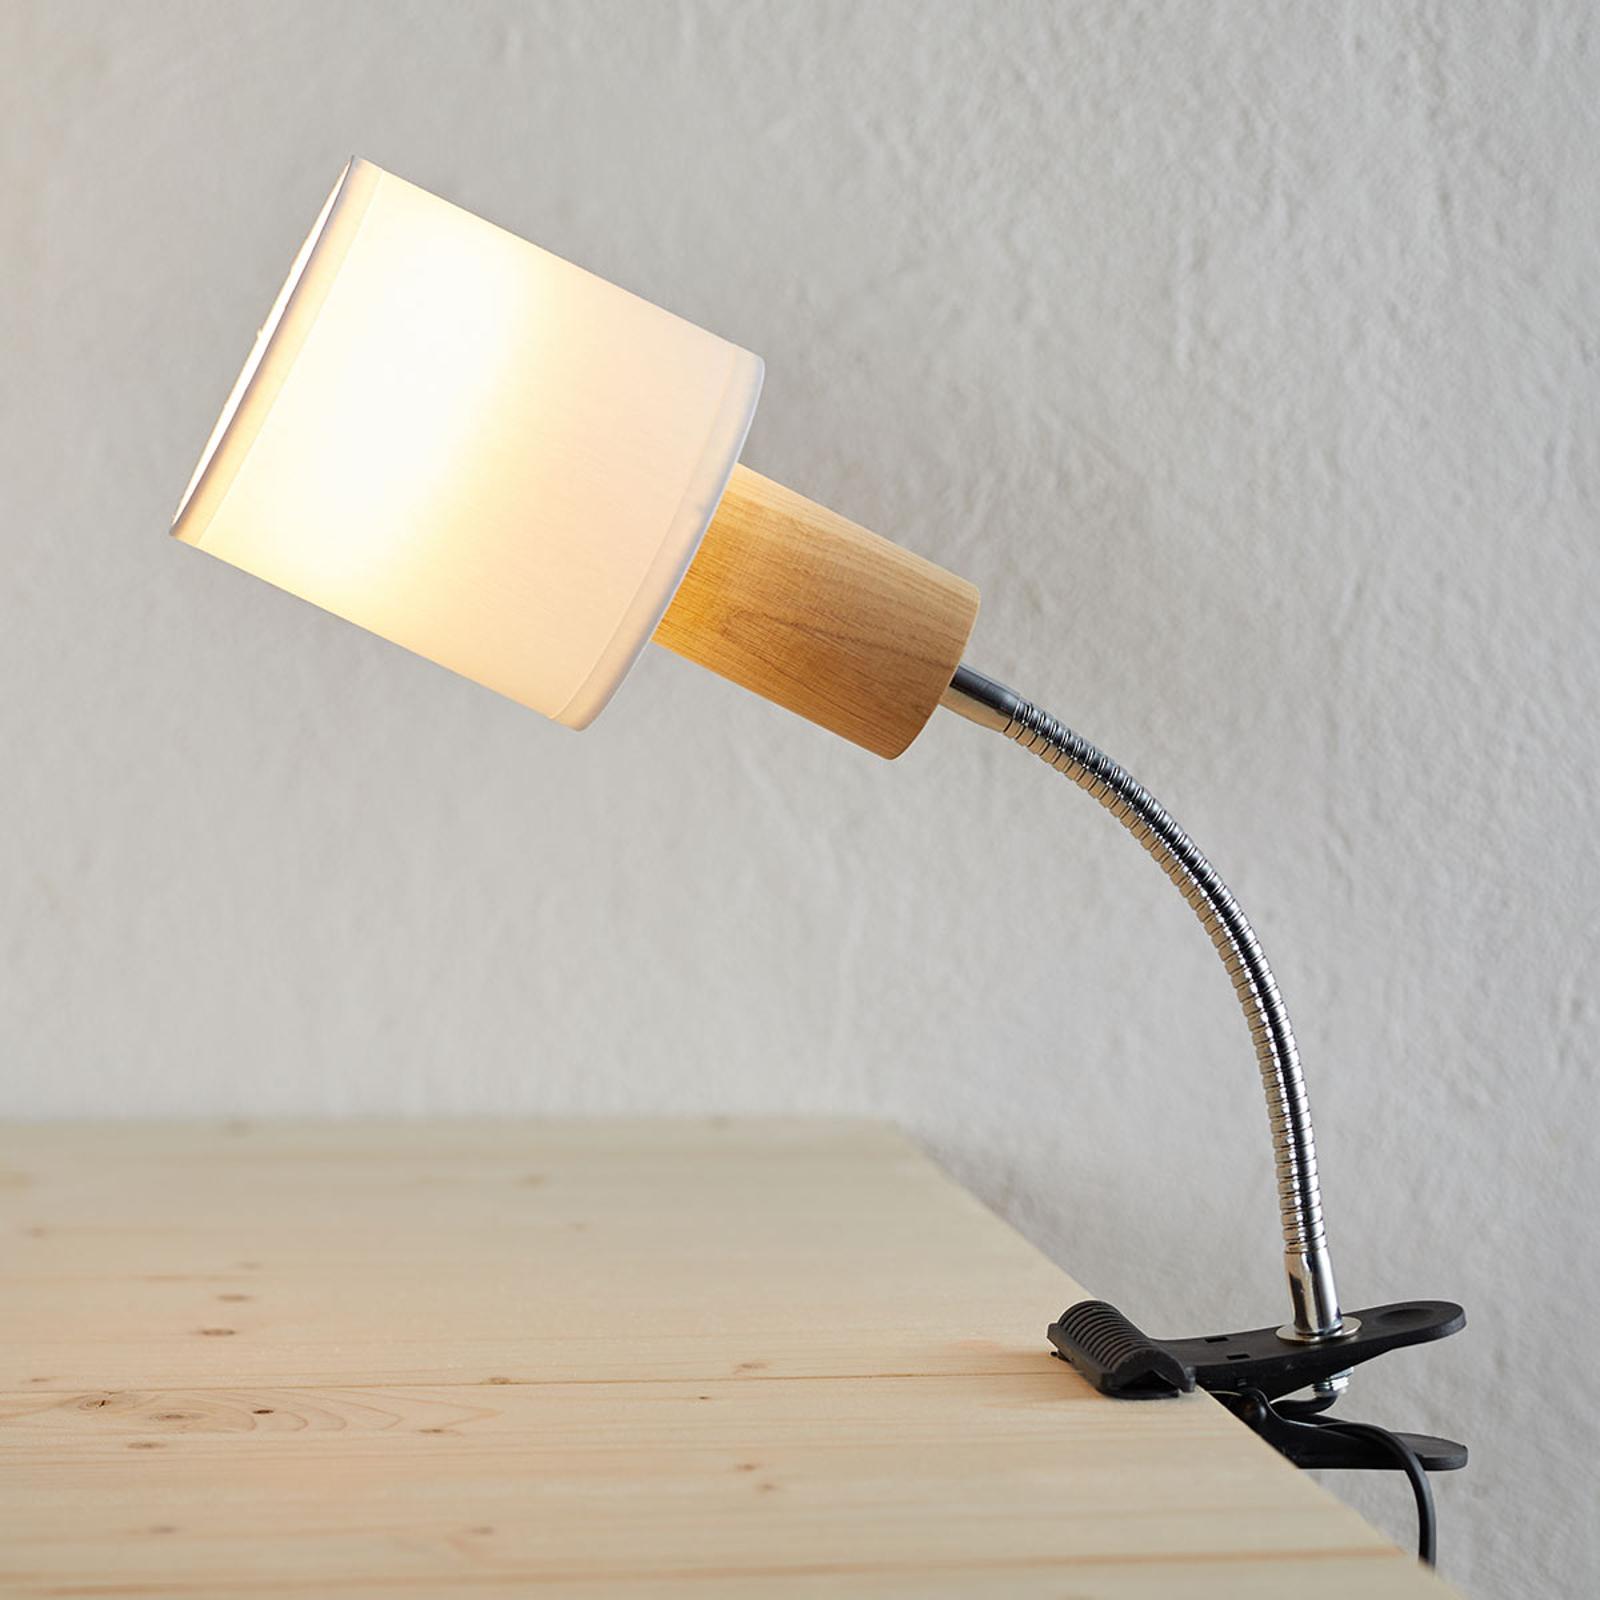 Klemlamp Clampspots Flex met beweegbare arm